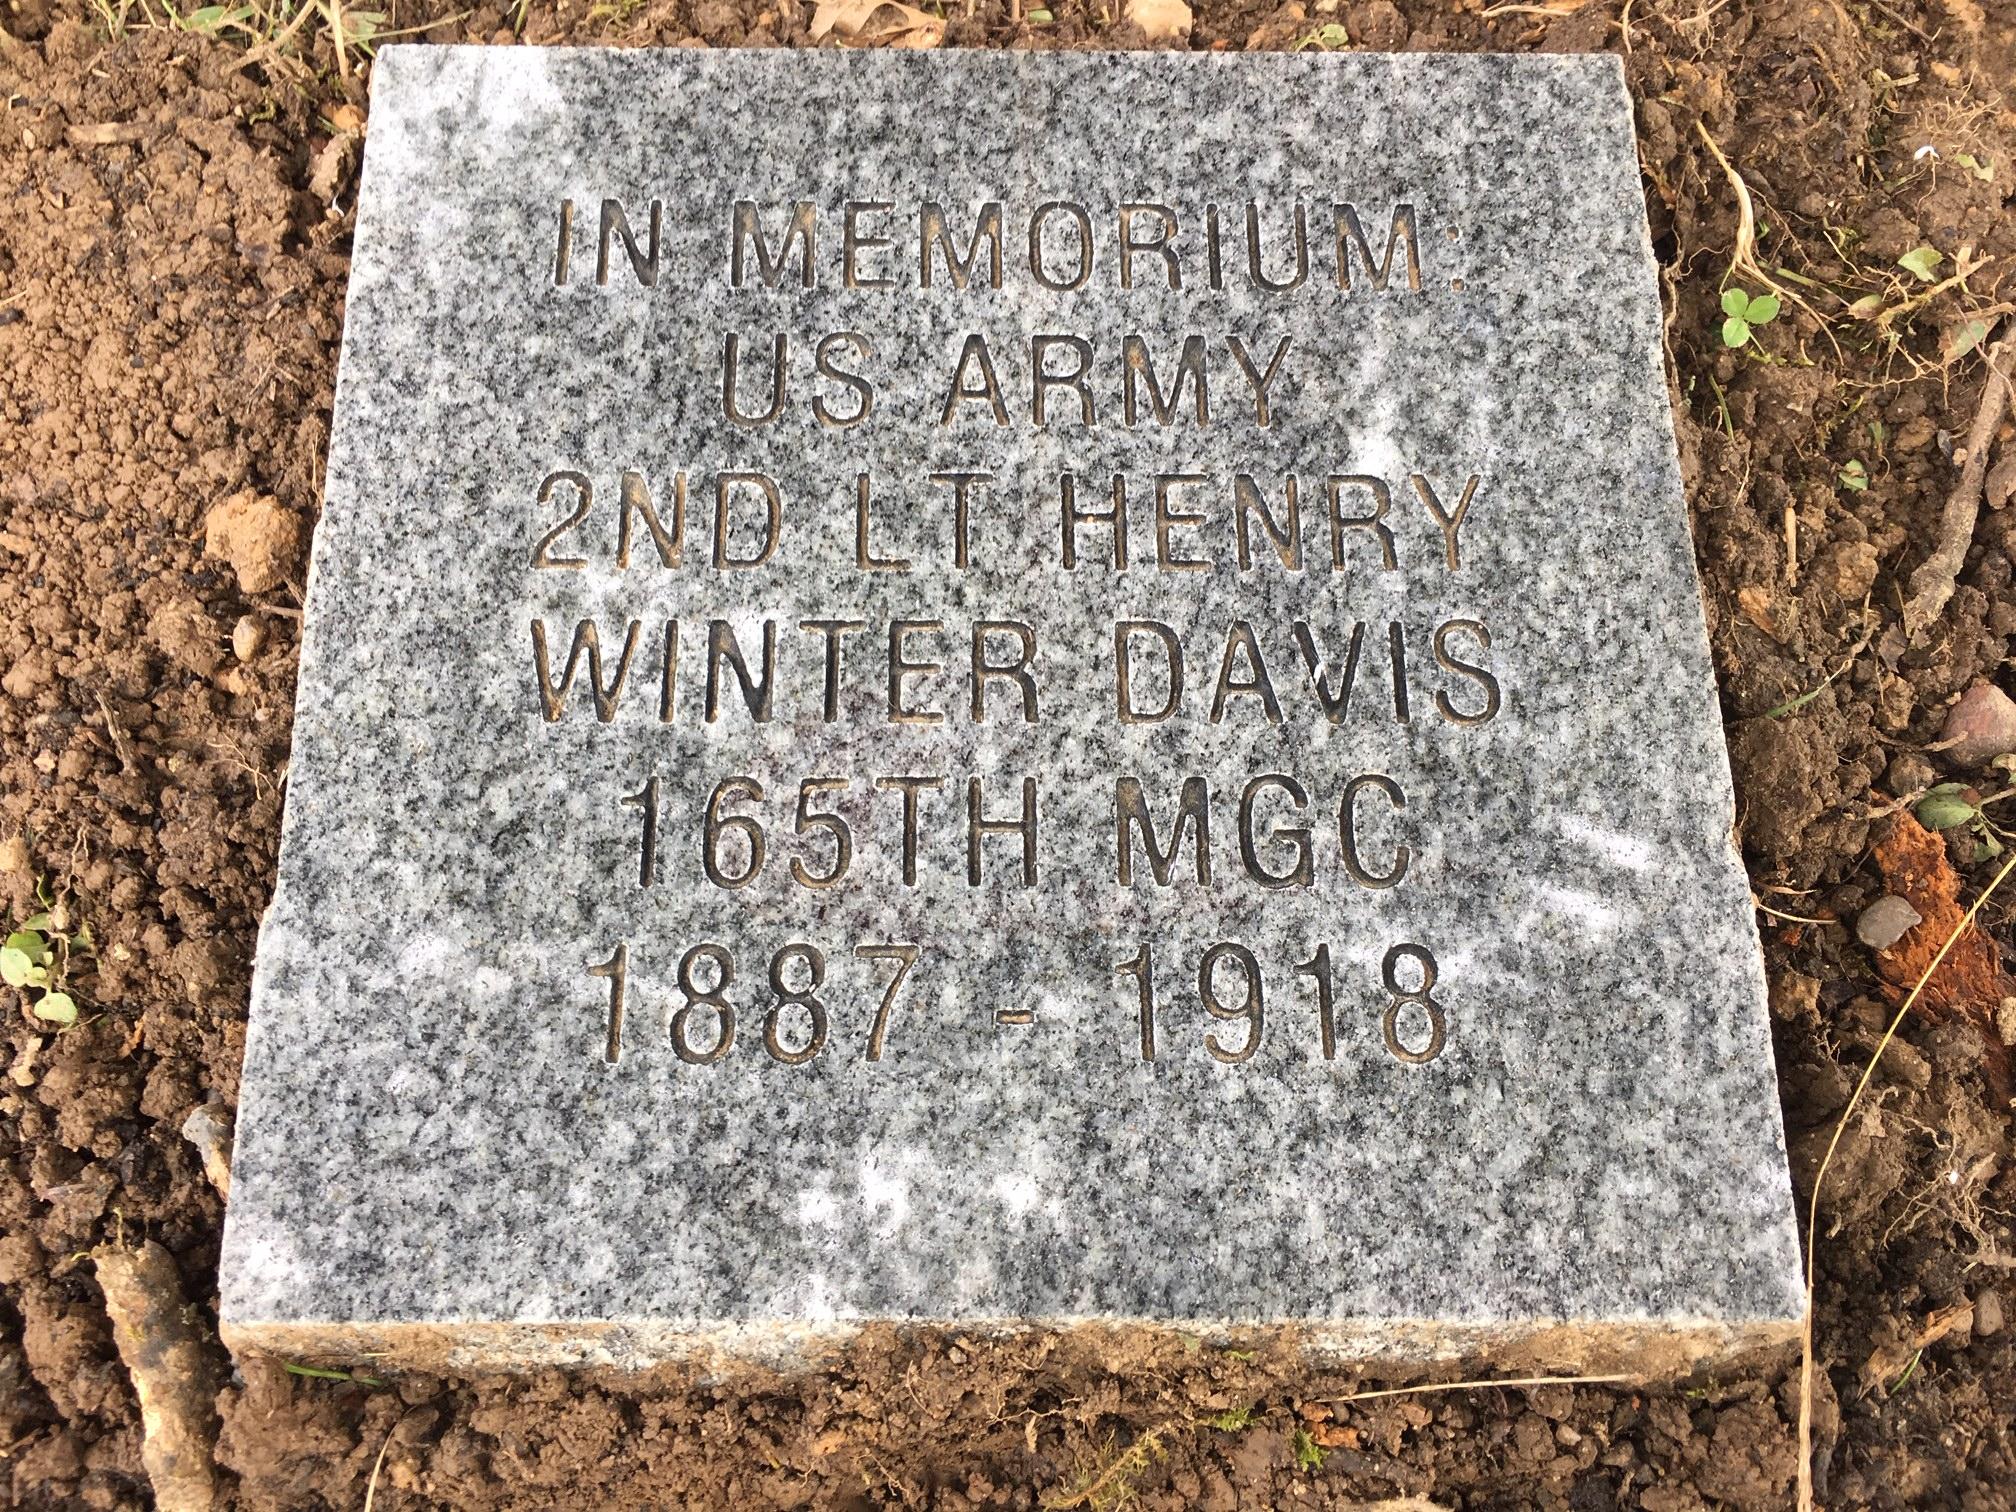 DAR Memorial Stone